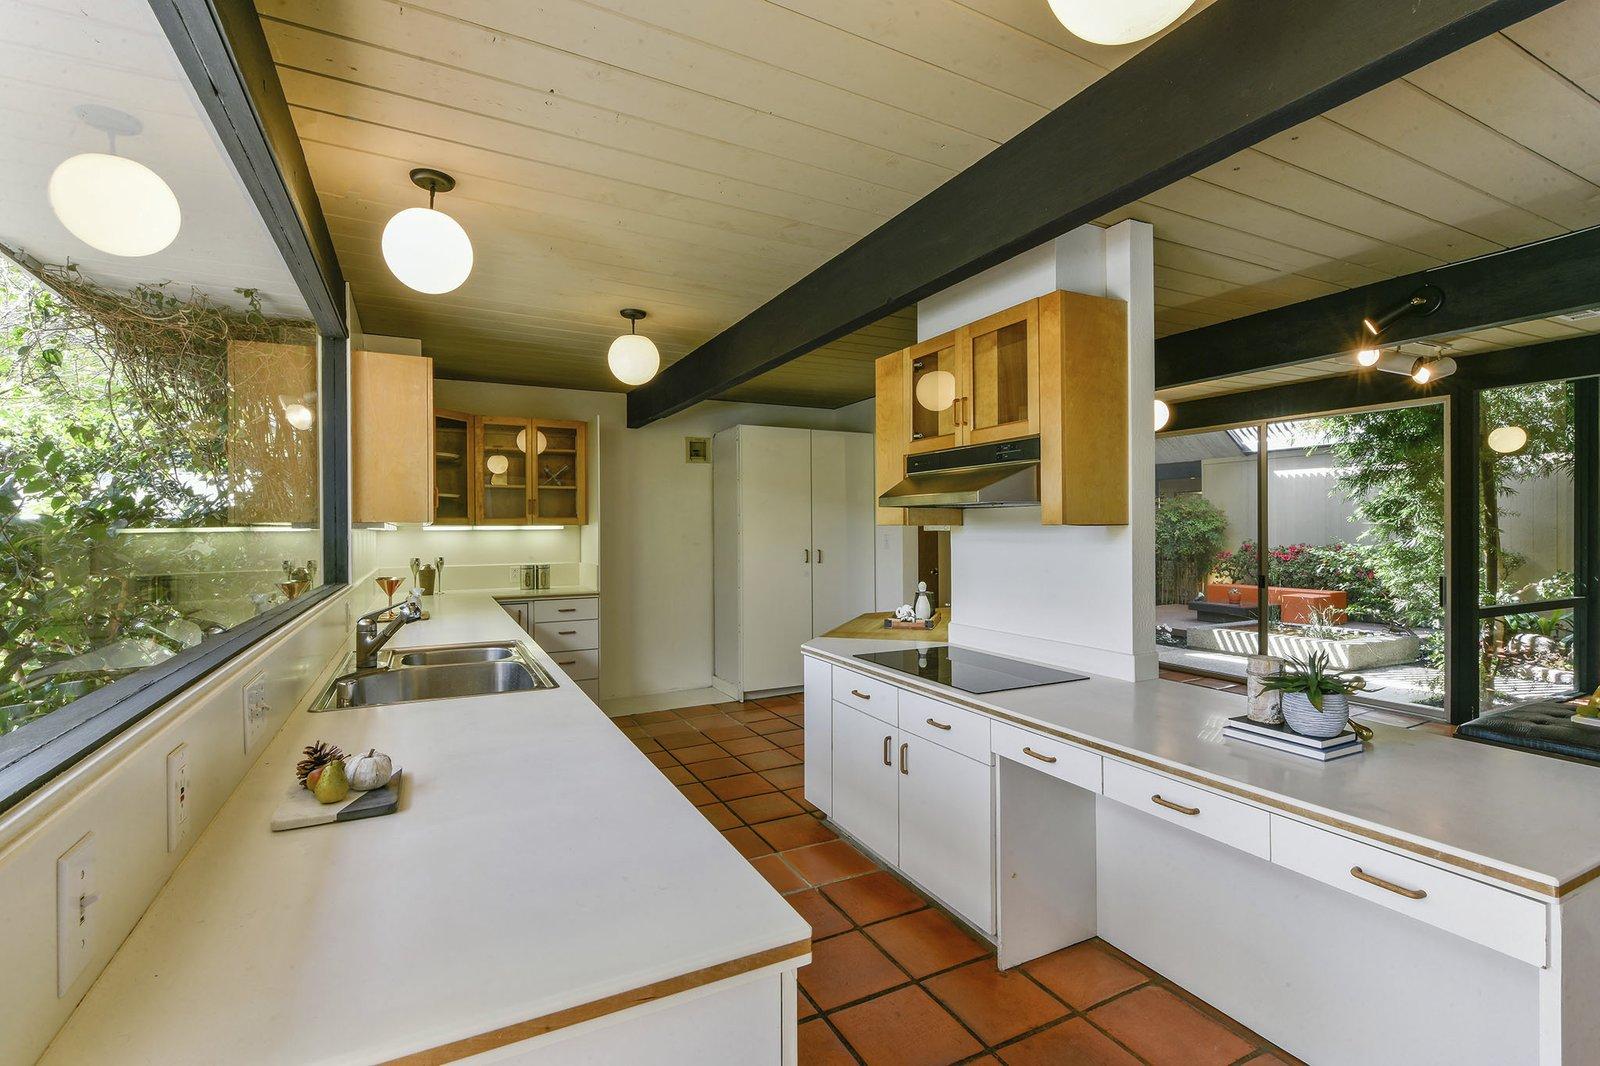 Gallery Eichler kitchen